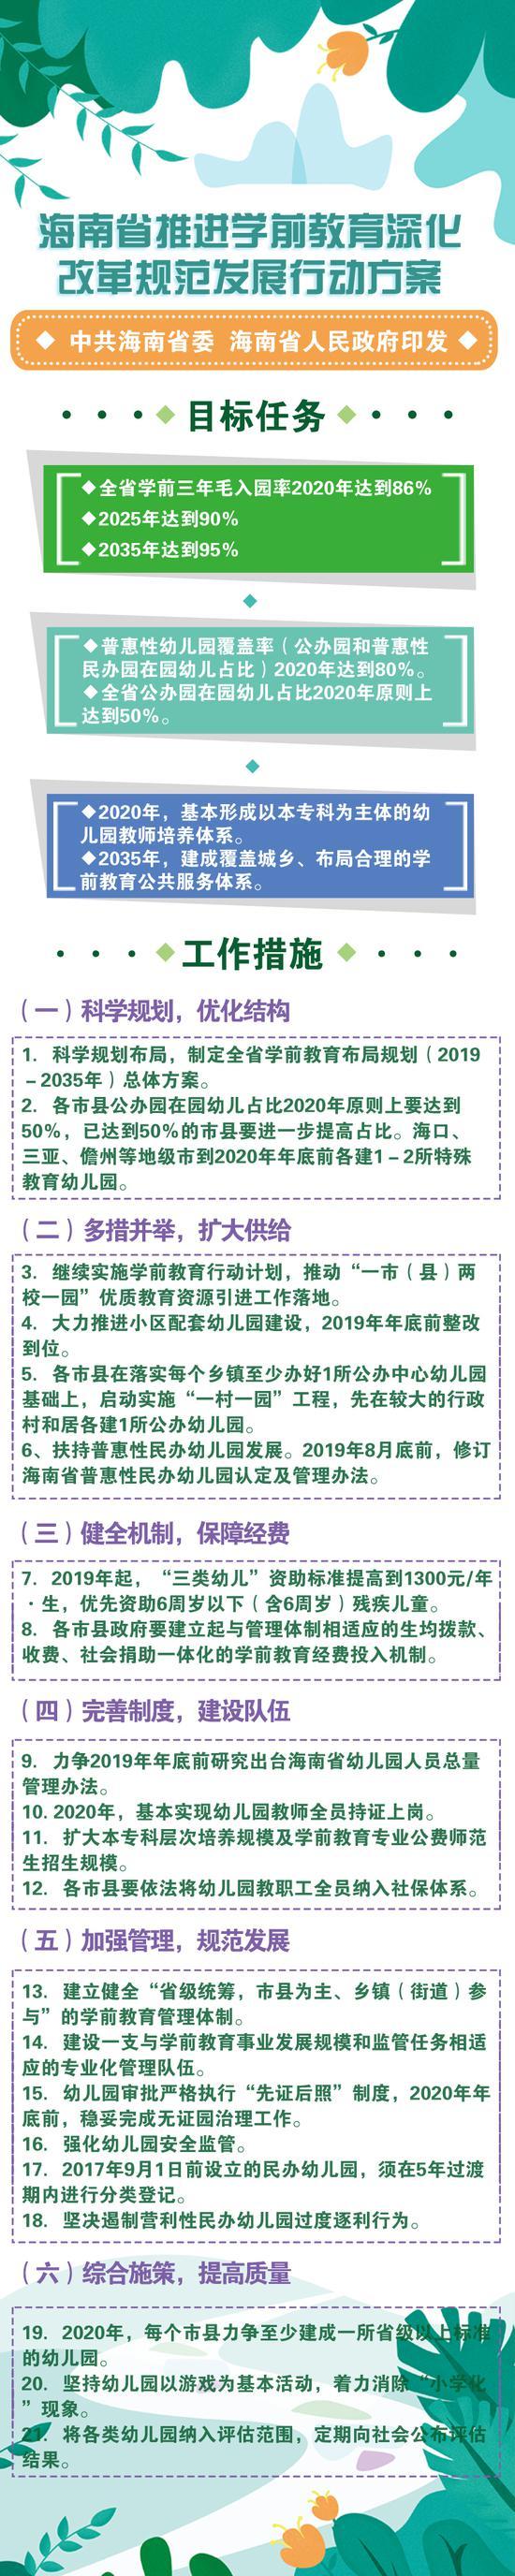 图片来自海南省政府网站